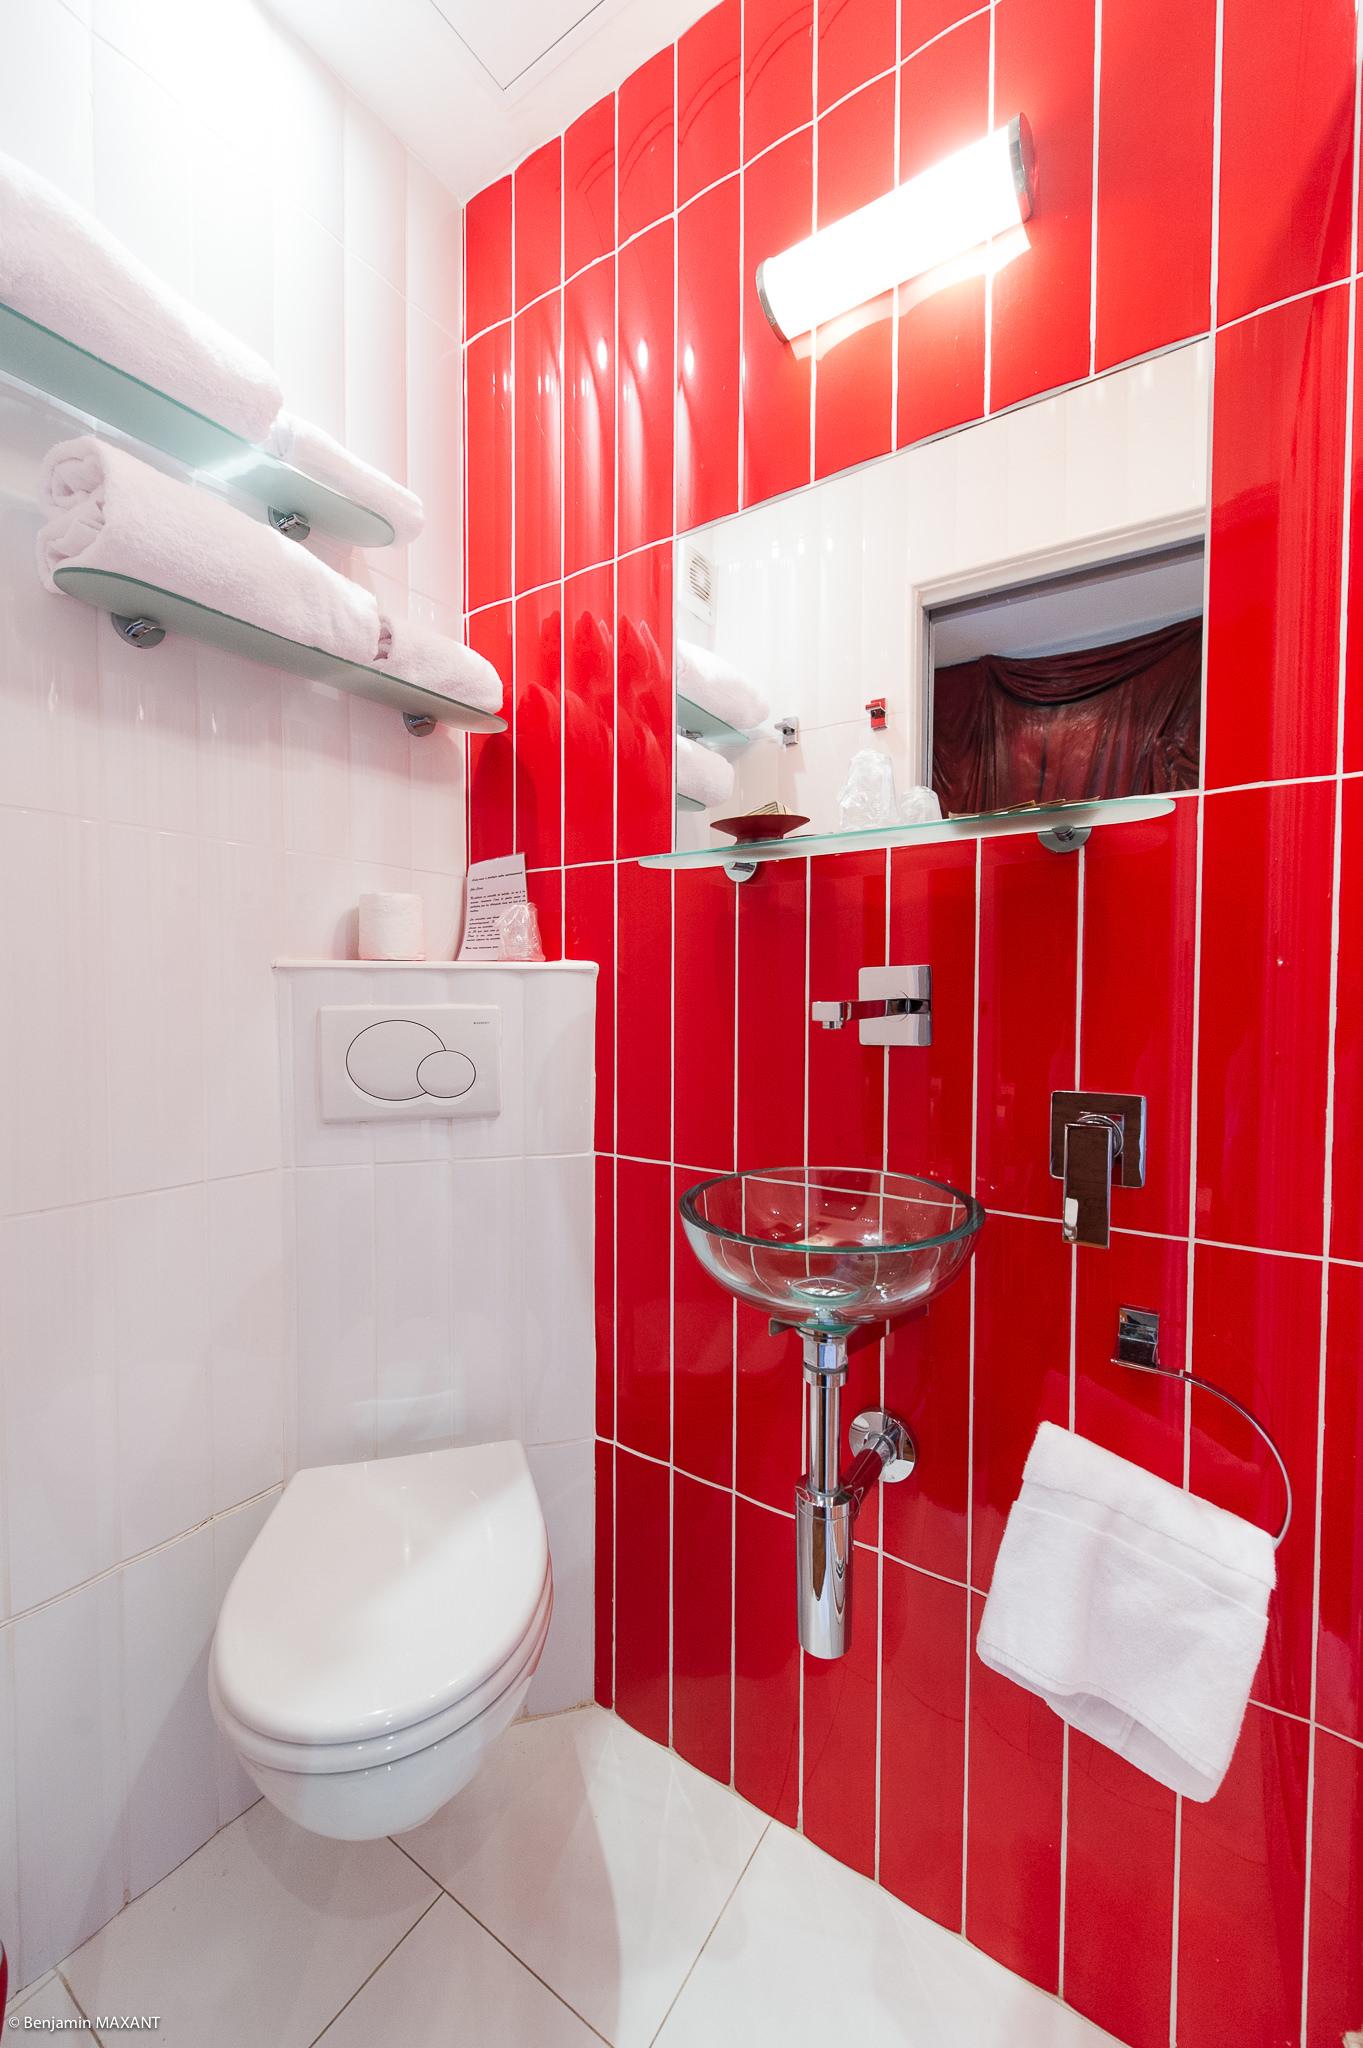 Reportage photo immobilier - Hôtel Idéal - salle de bains chambre comedia del arte